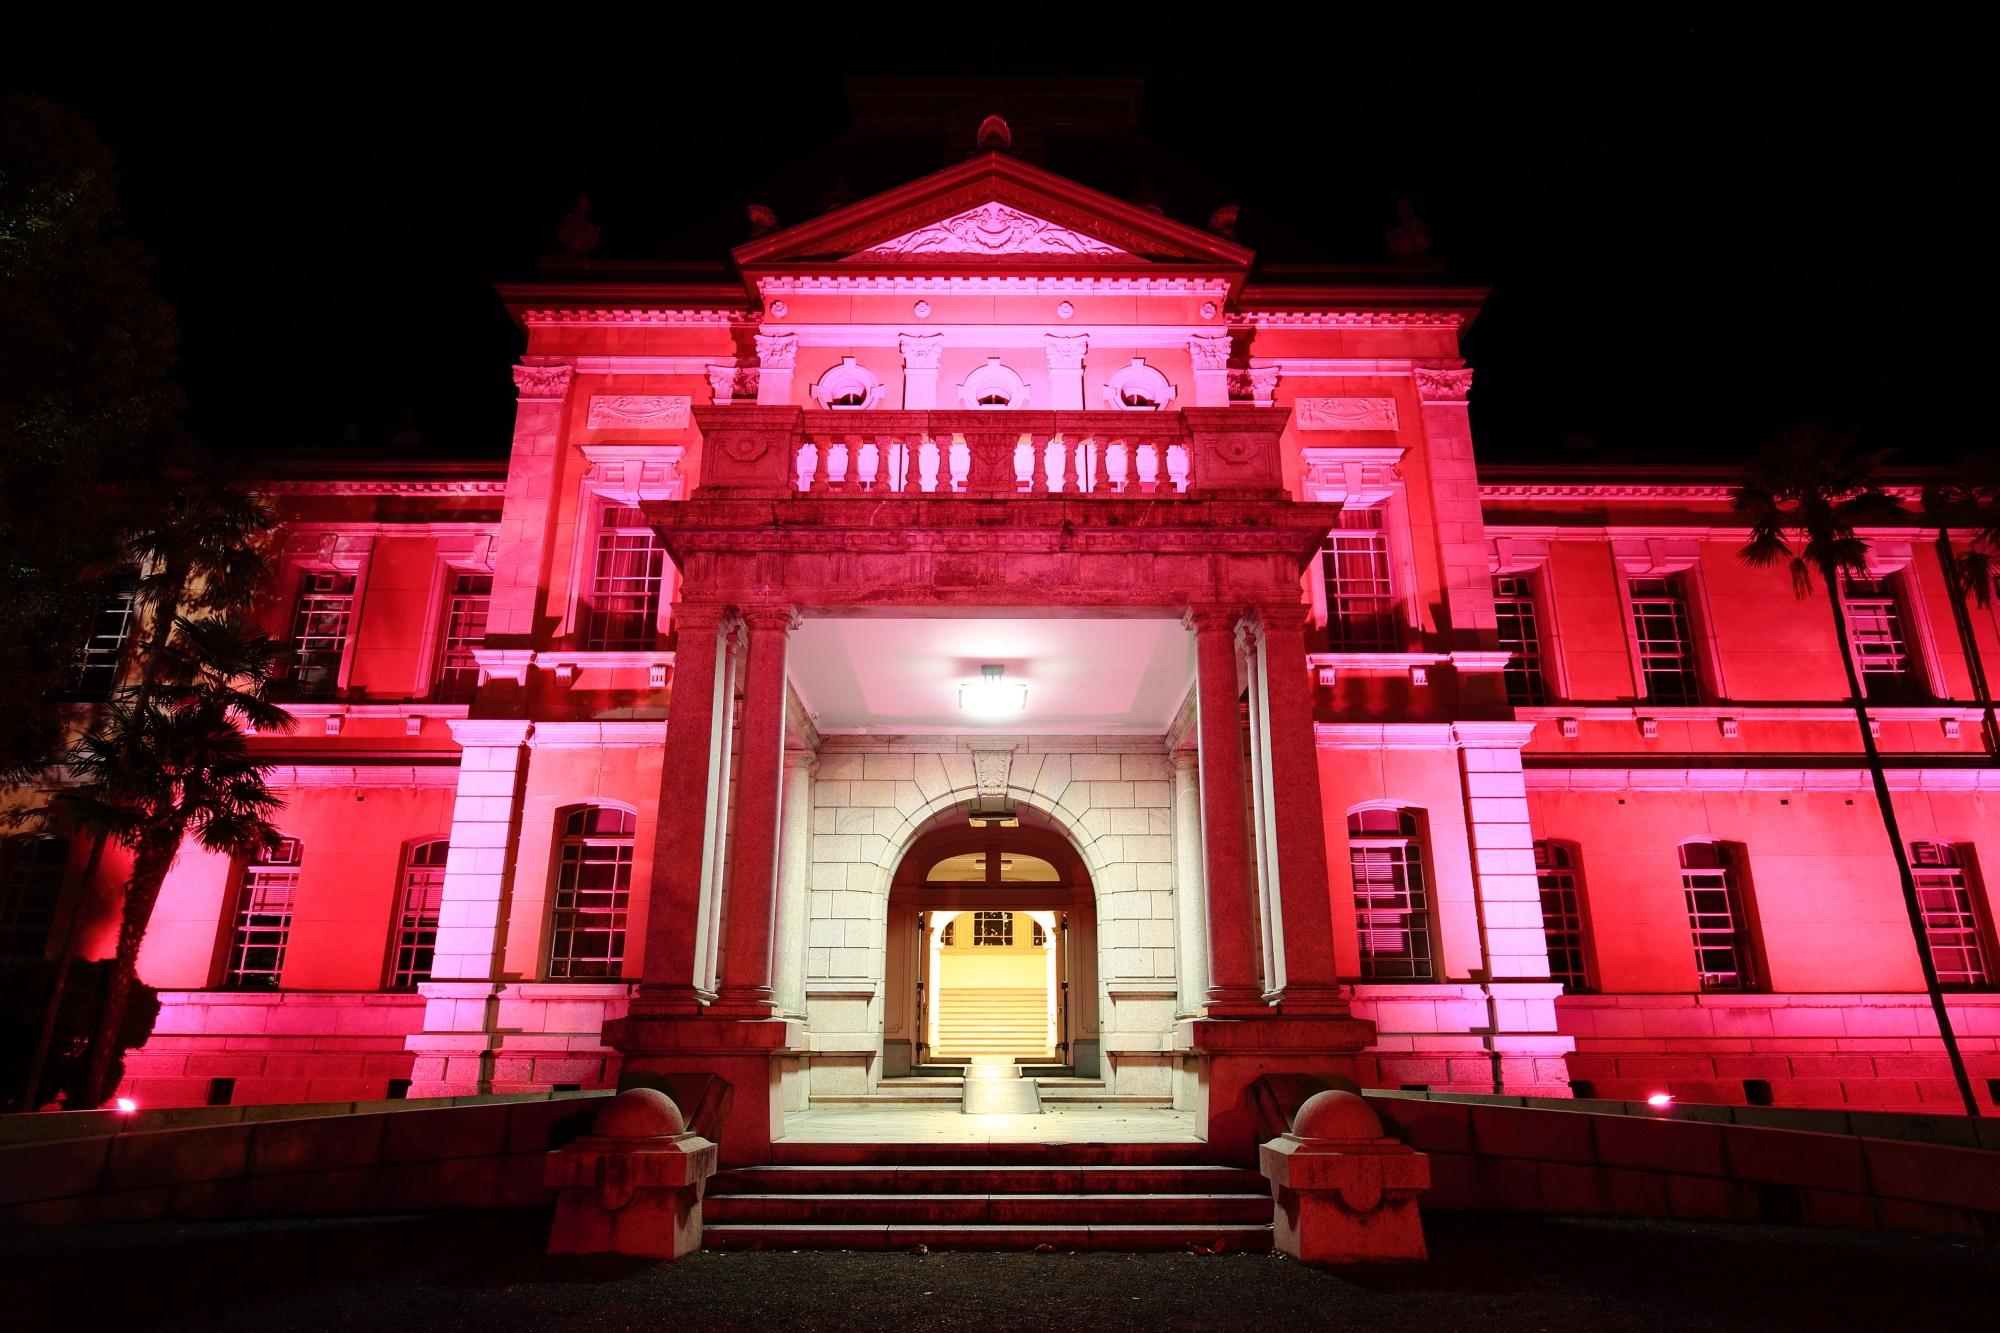 京都府庁旧本館 ピンクリボンライトアップ 幻想的なピンクのレトロ洋館